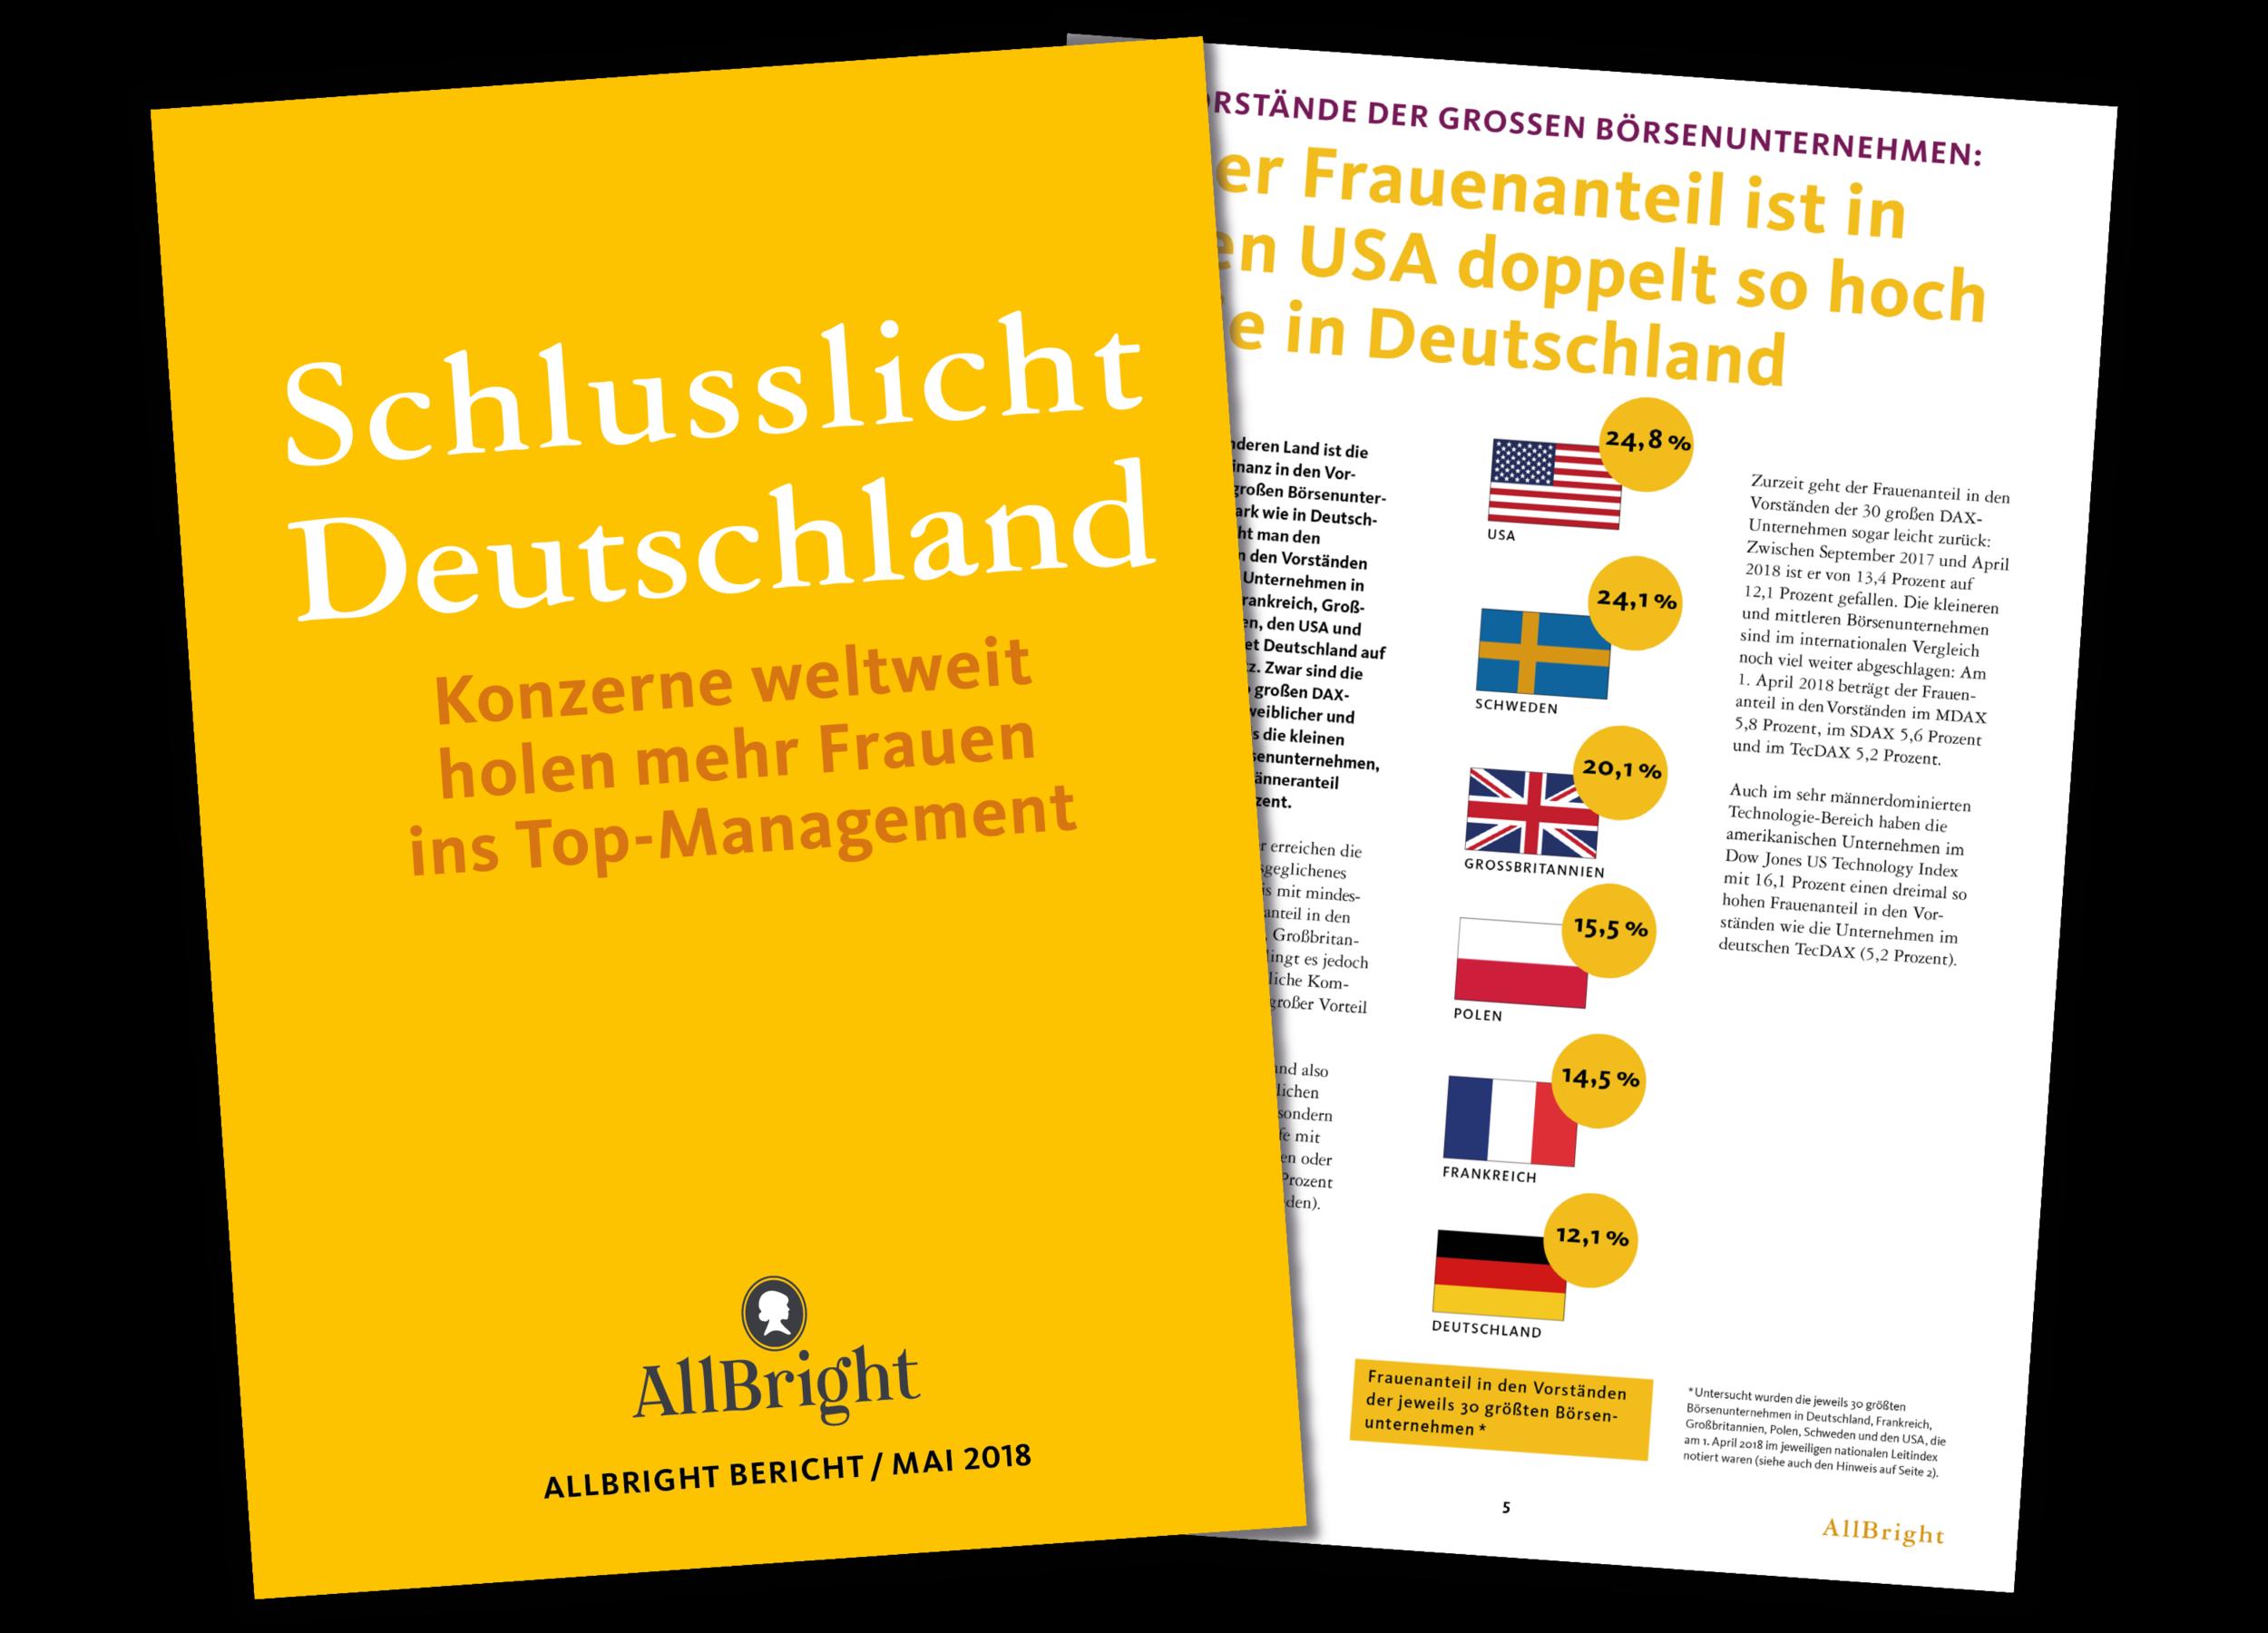 AllBright Bericht 2018 Schlusslicht Deutschland